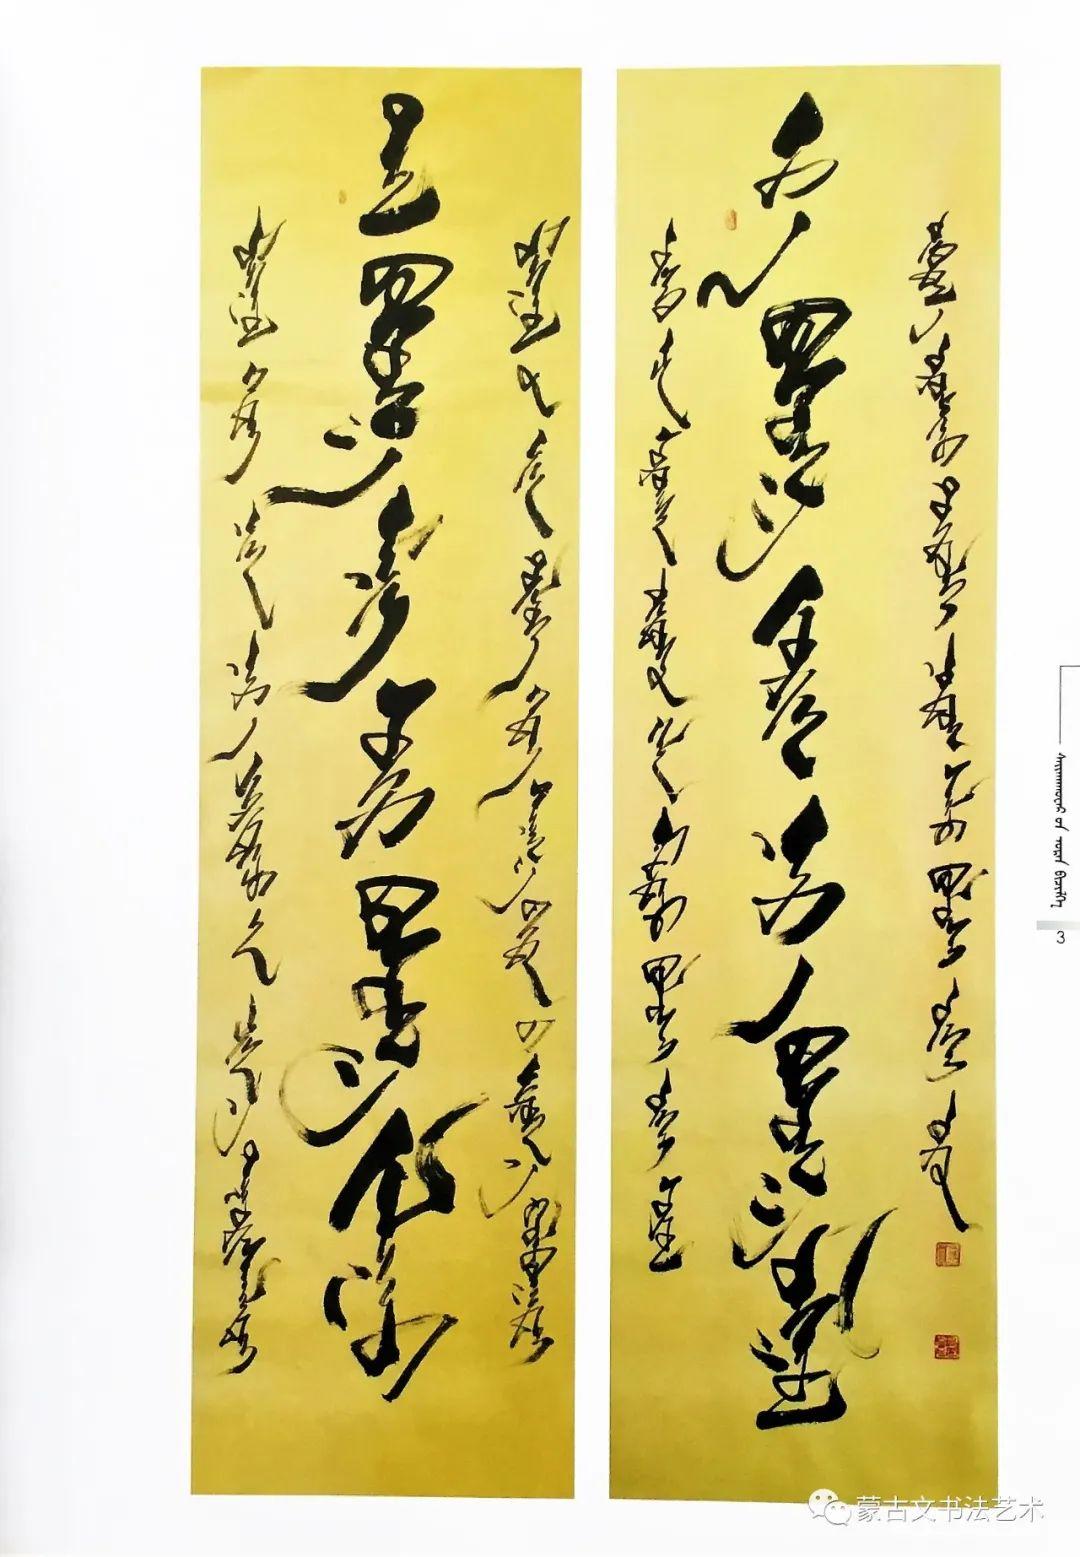 包赛音花《传奇奈曼-包赛音花蒙古文书法》 第7张 包赛音花《传奇奈曼-包赛音花蒙古文书法》 蒙古书法